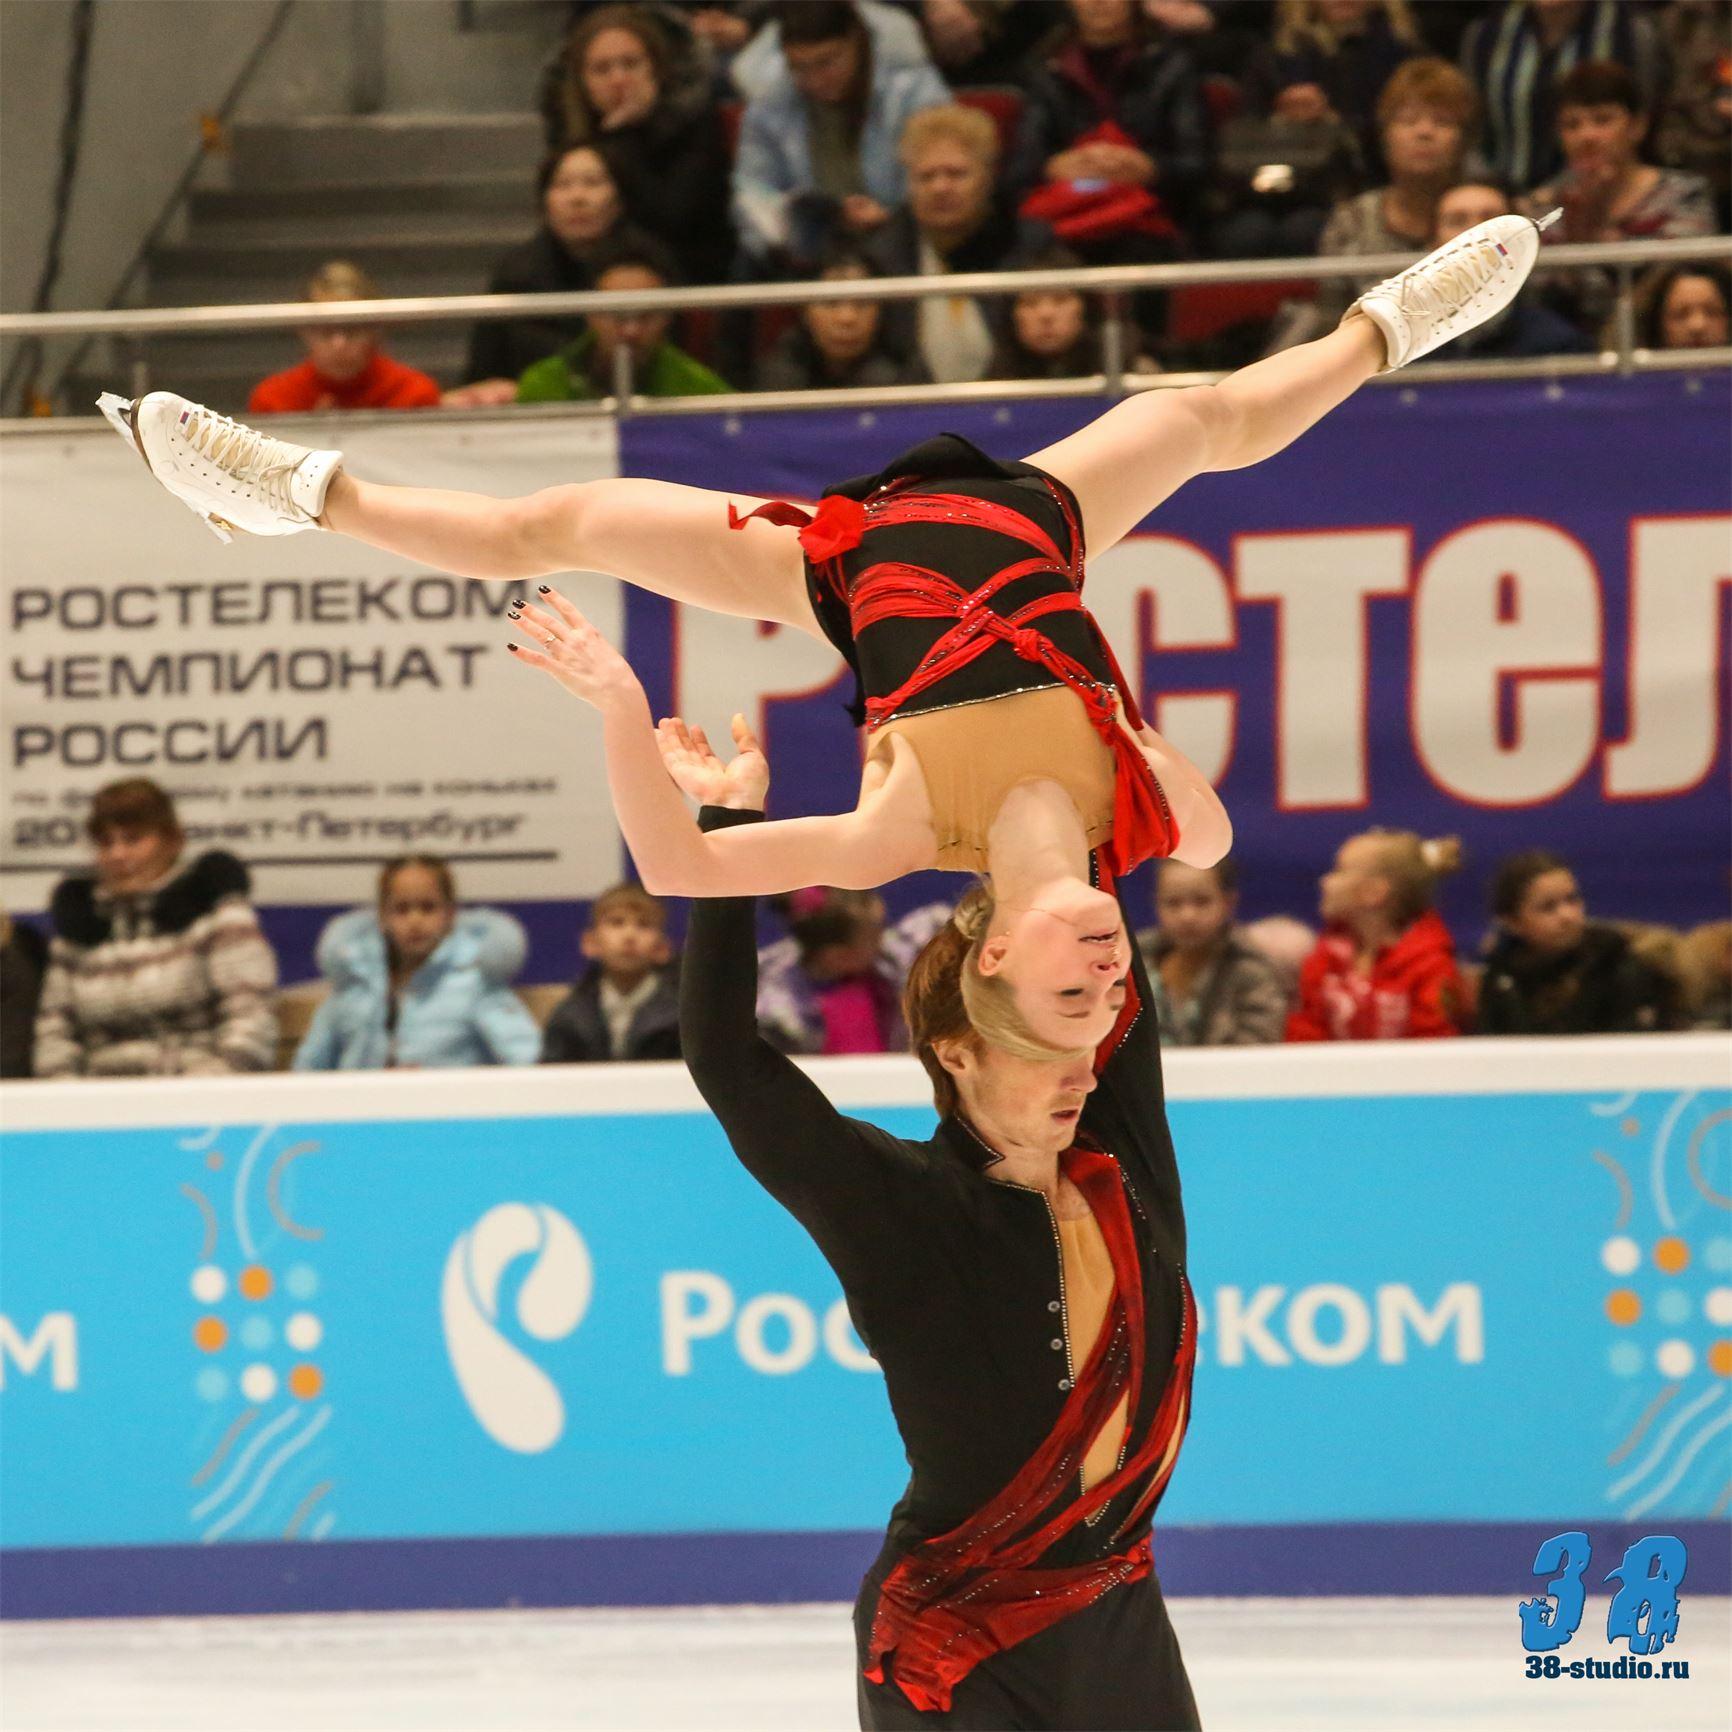 Евгения Тарасова - Владимир Морозов-2 - Страница 2 Mhy_9qniuyA